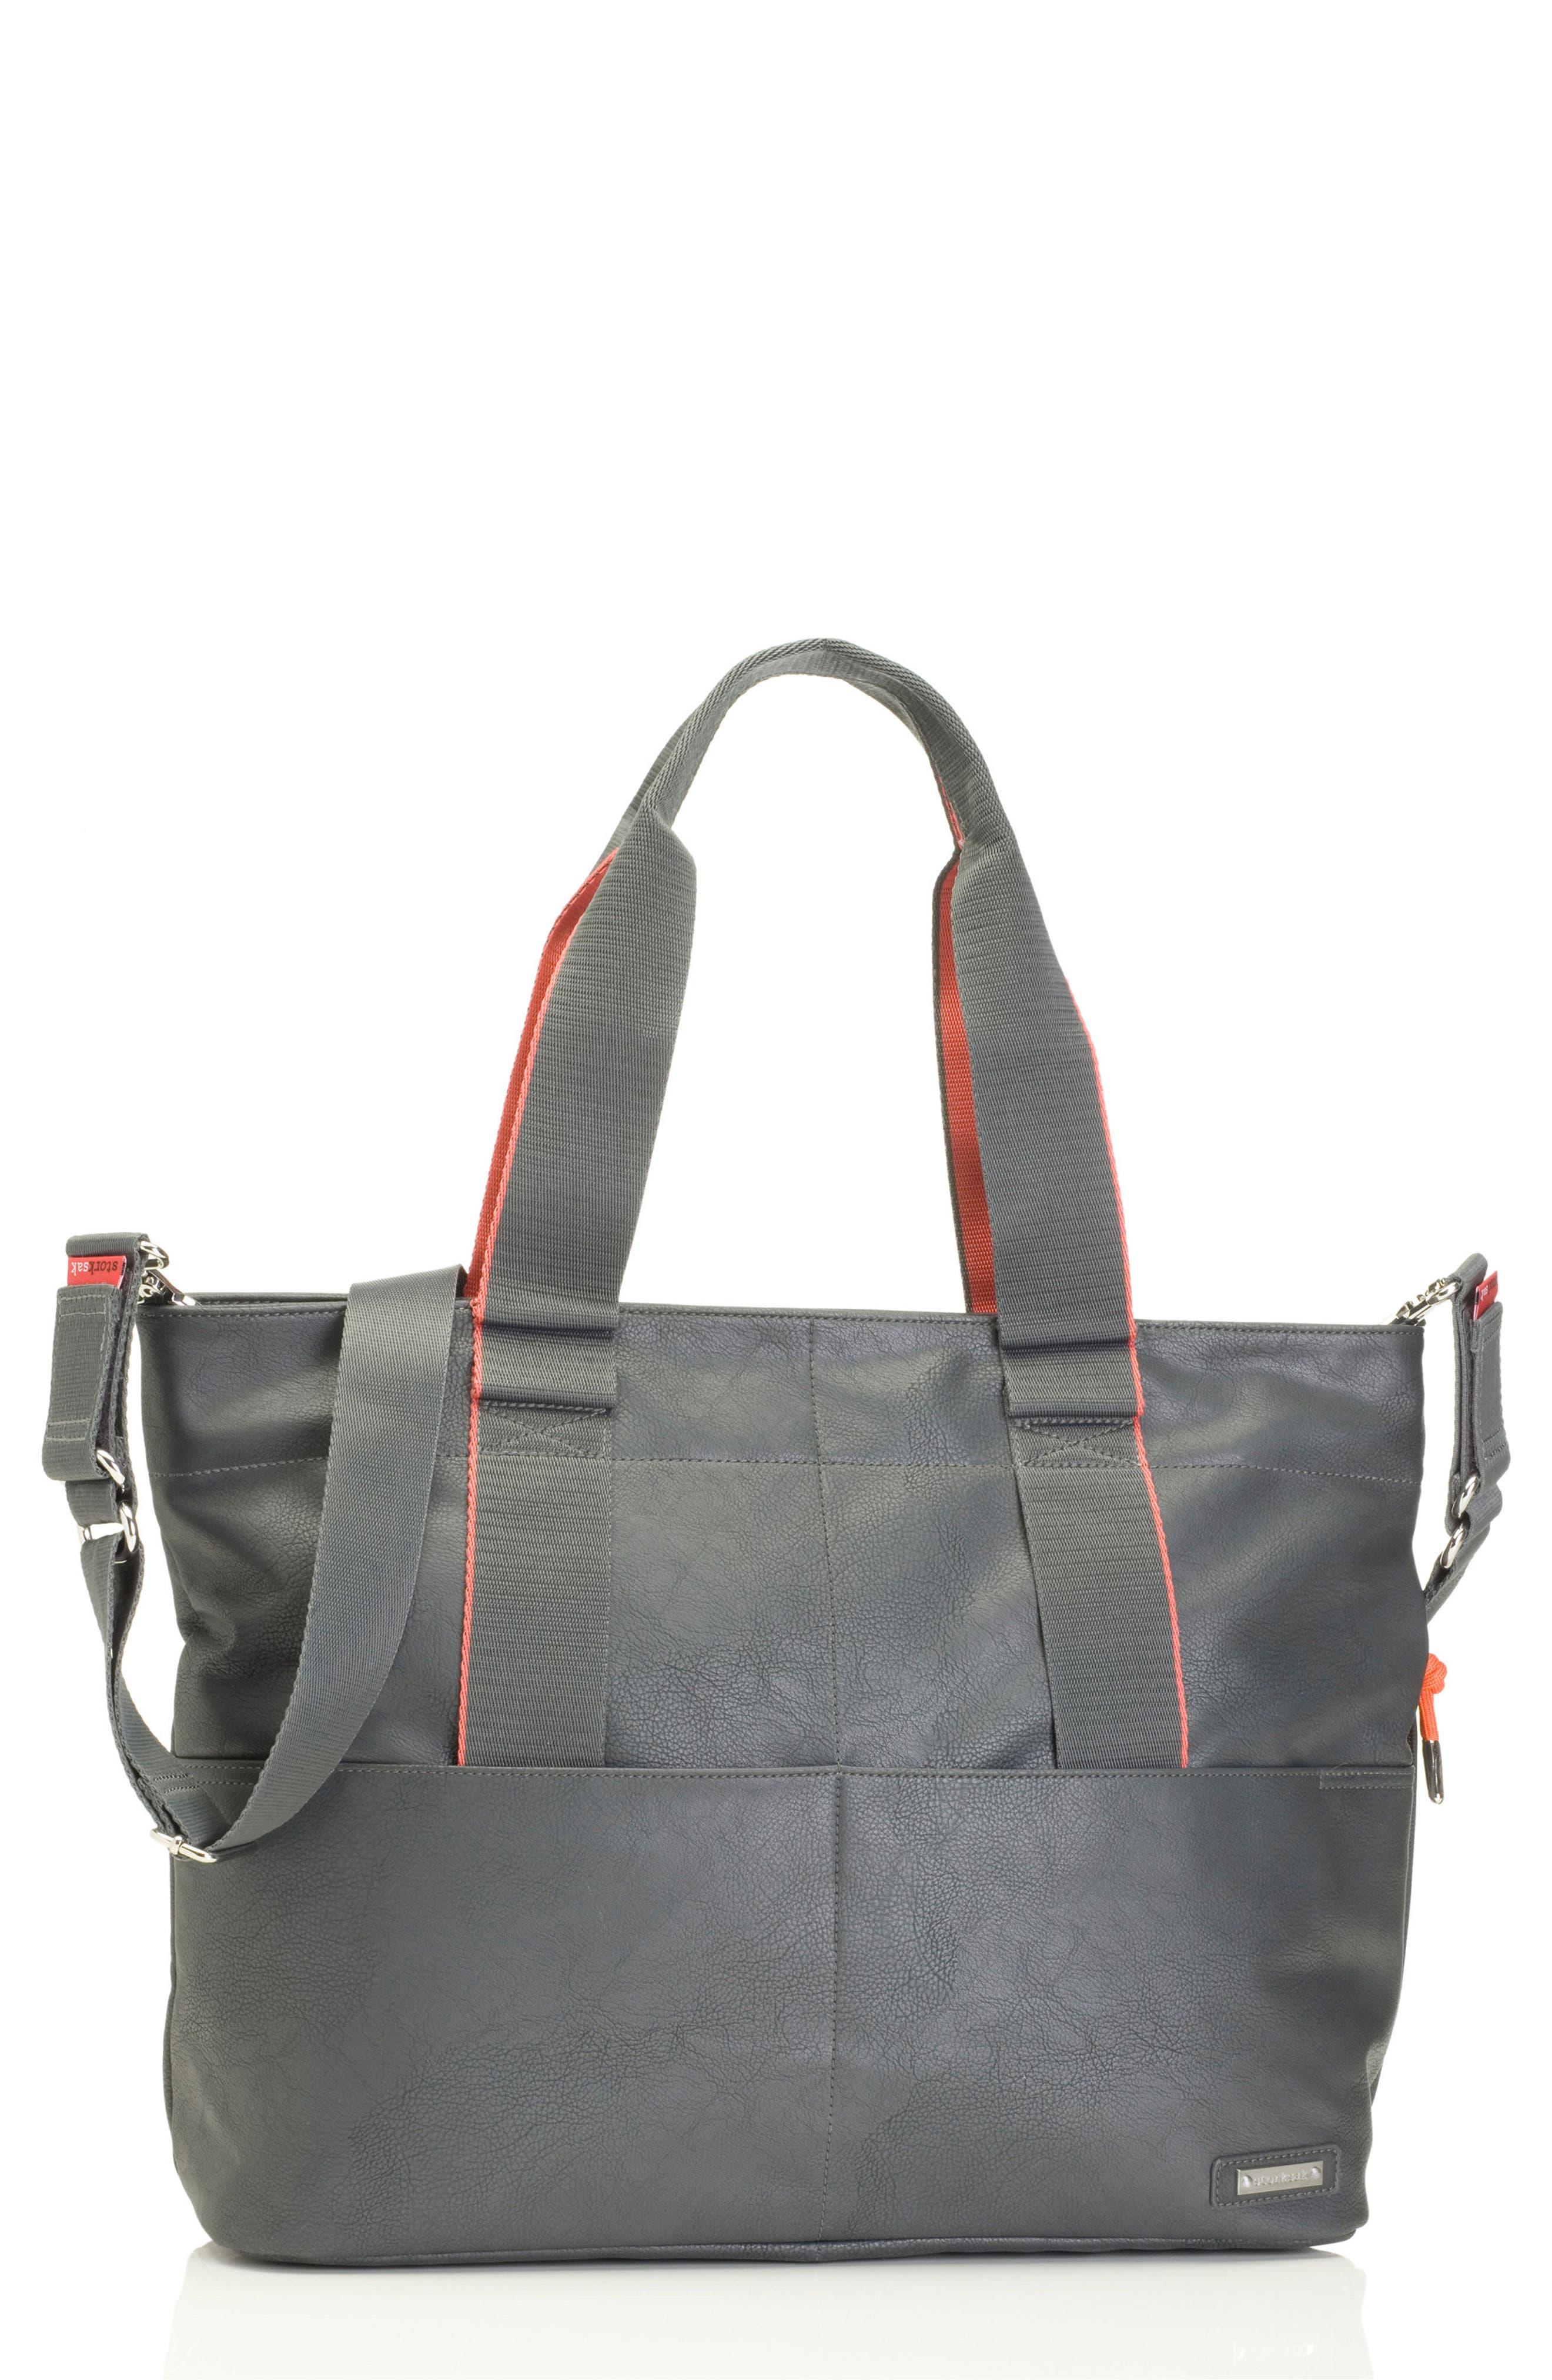 'Eden' Faux Leather Diaper Bag,                             Main thumbnail 1, color,                             GREY